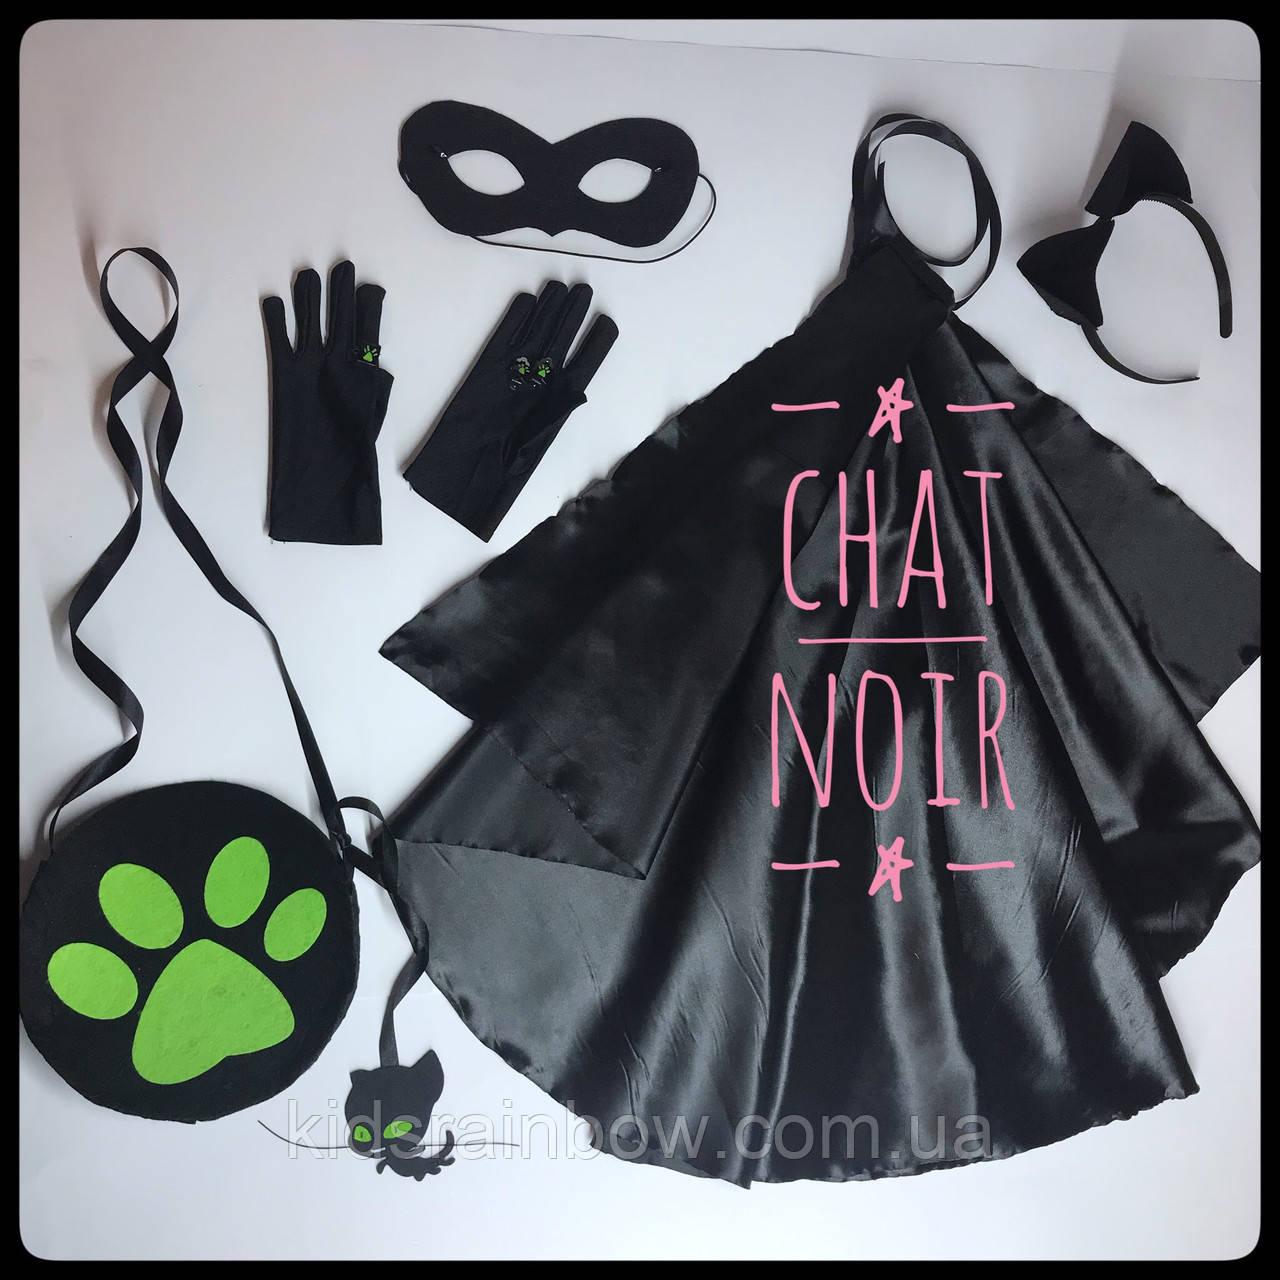 Набор аксессуаров для девочки Леди Кошка / Chat Noir + перчатки и плащ